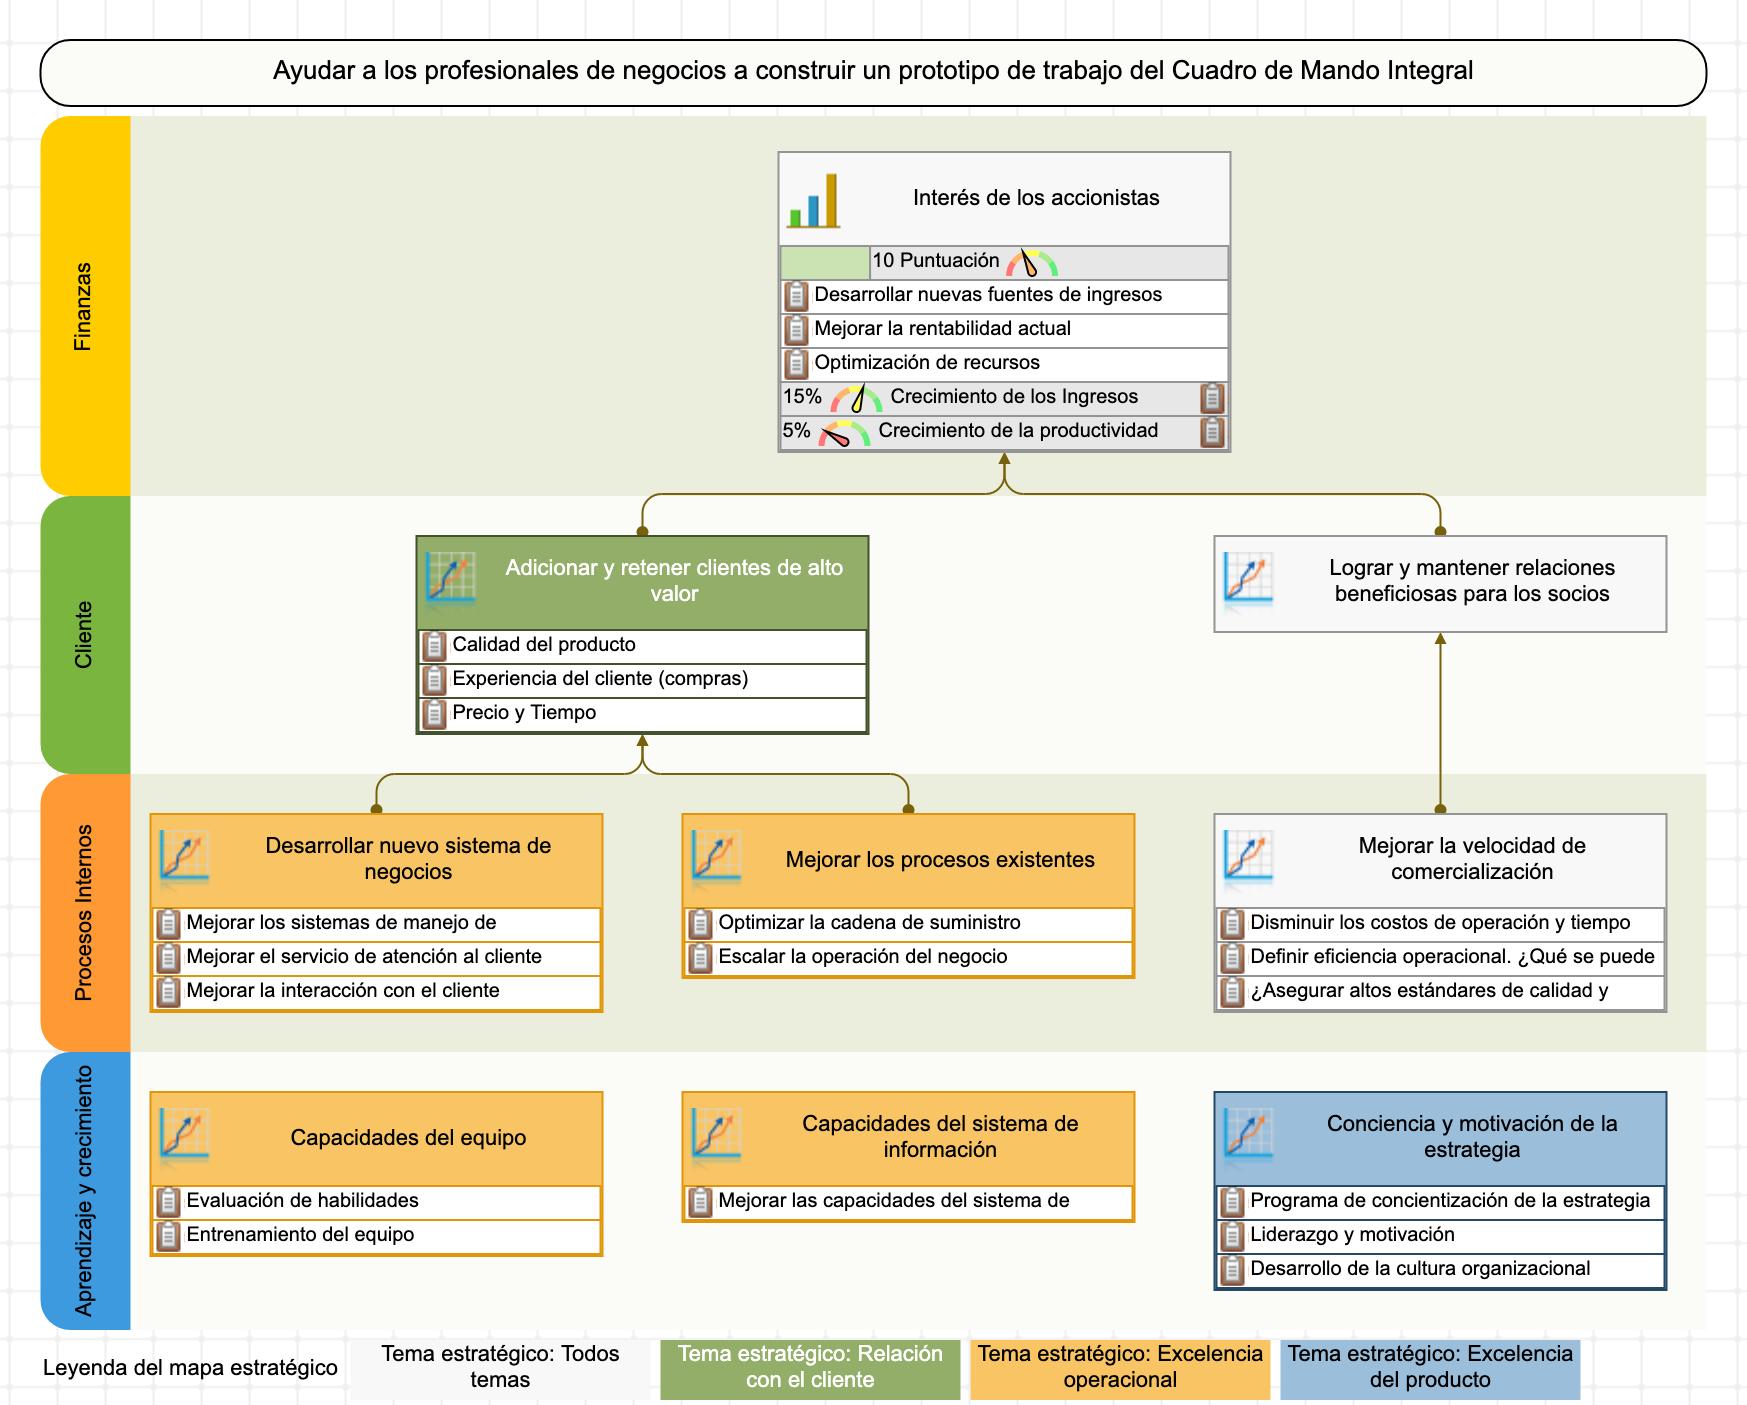 El mapa estratégico del Cuadro de Mando Integral con cuatro perspectivas